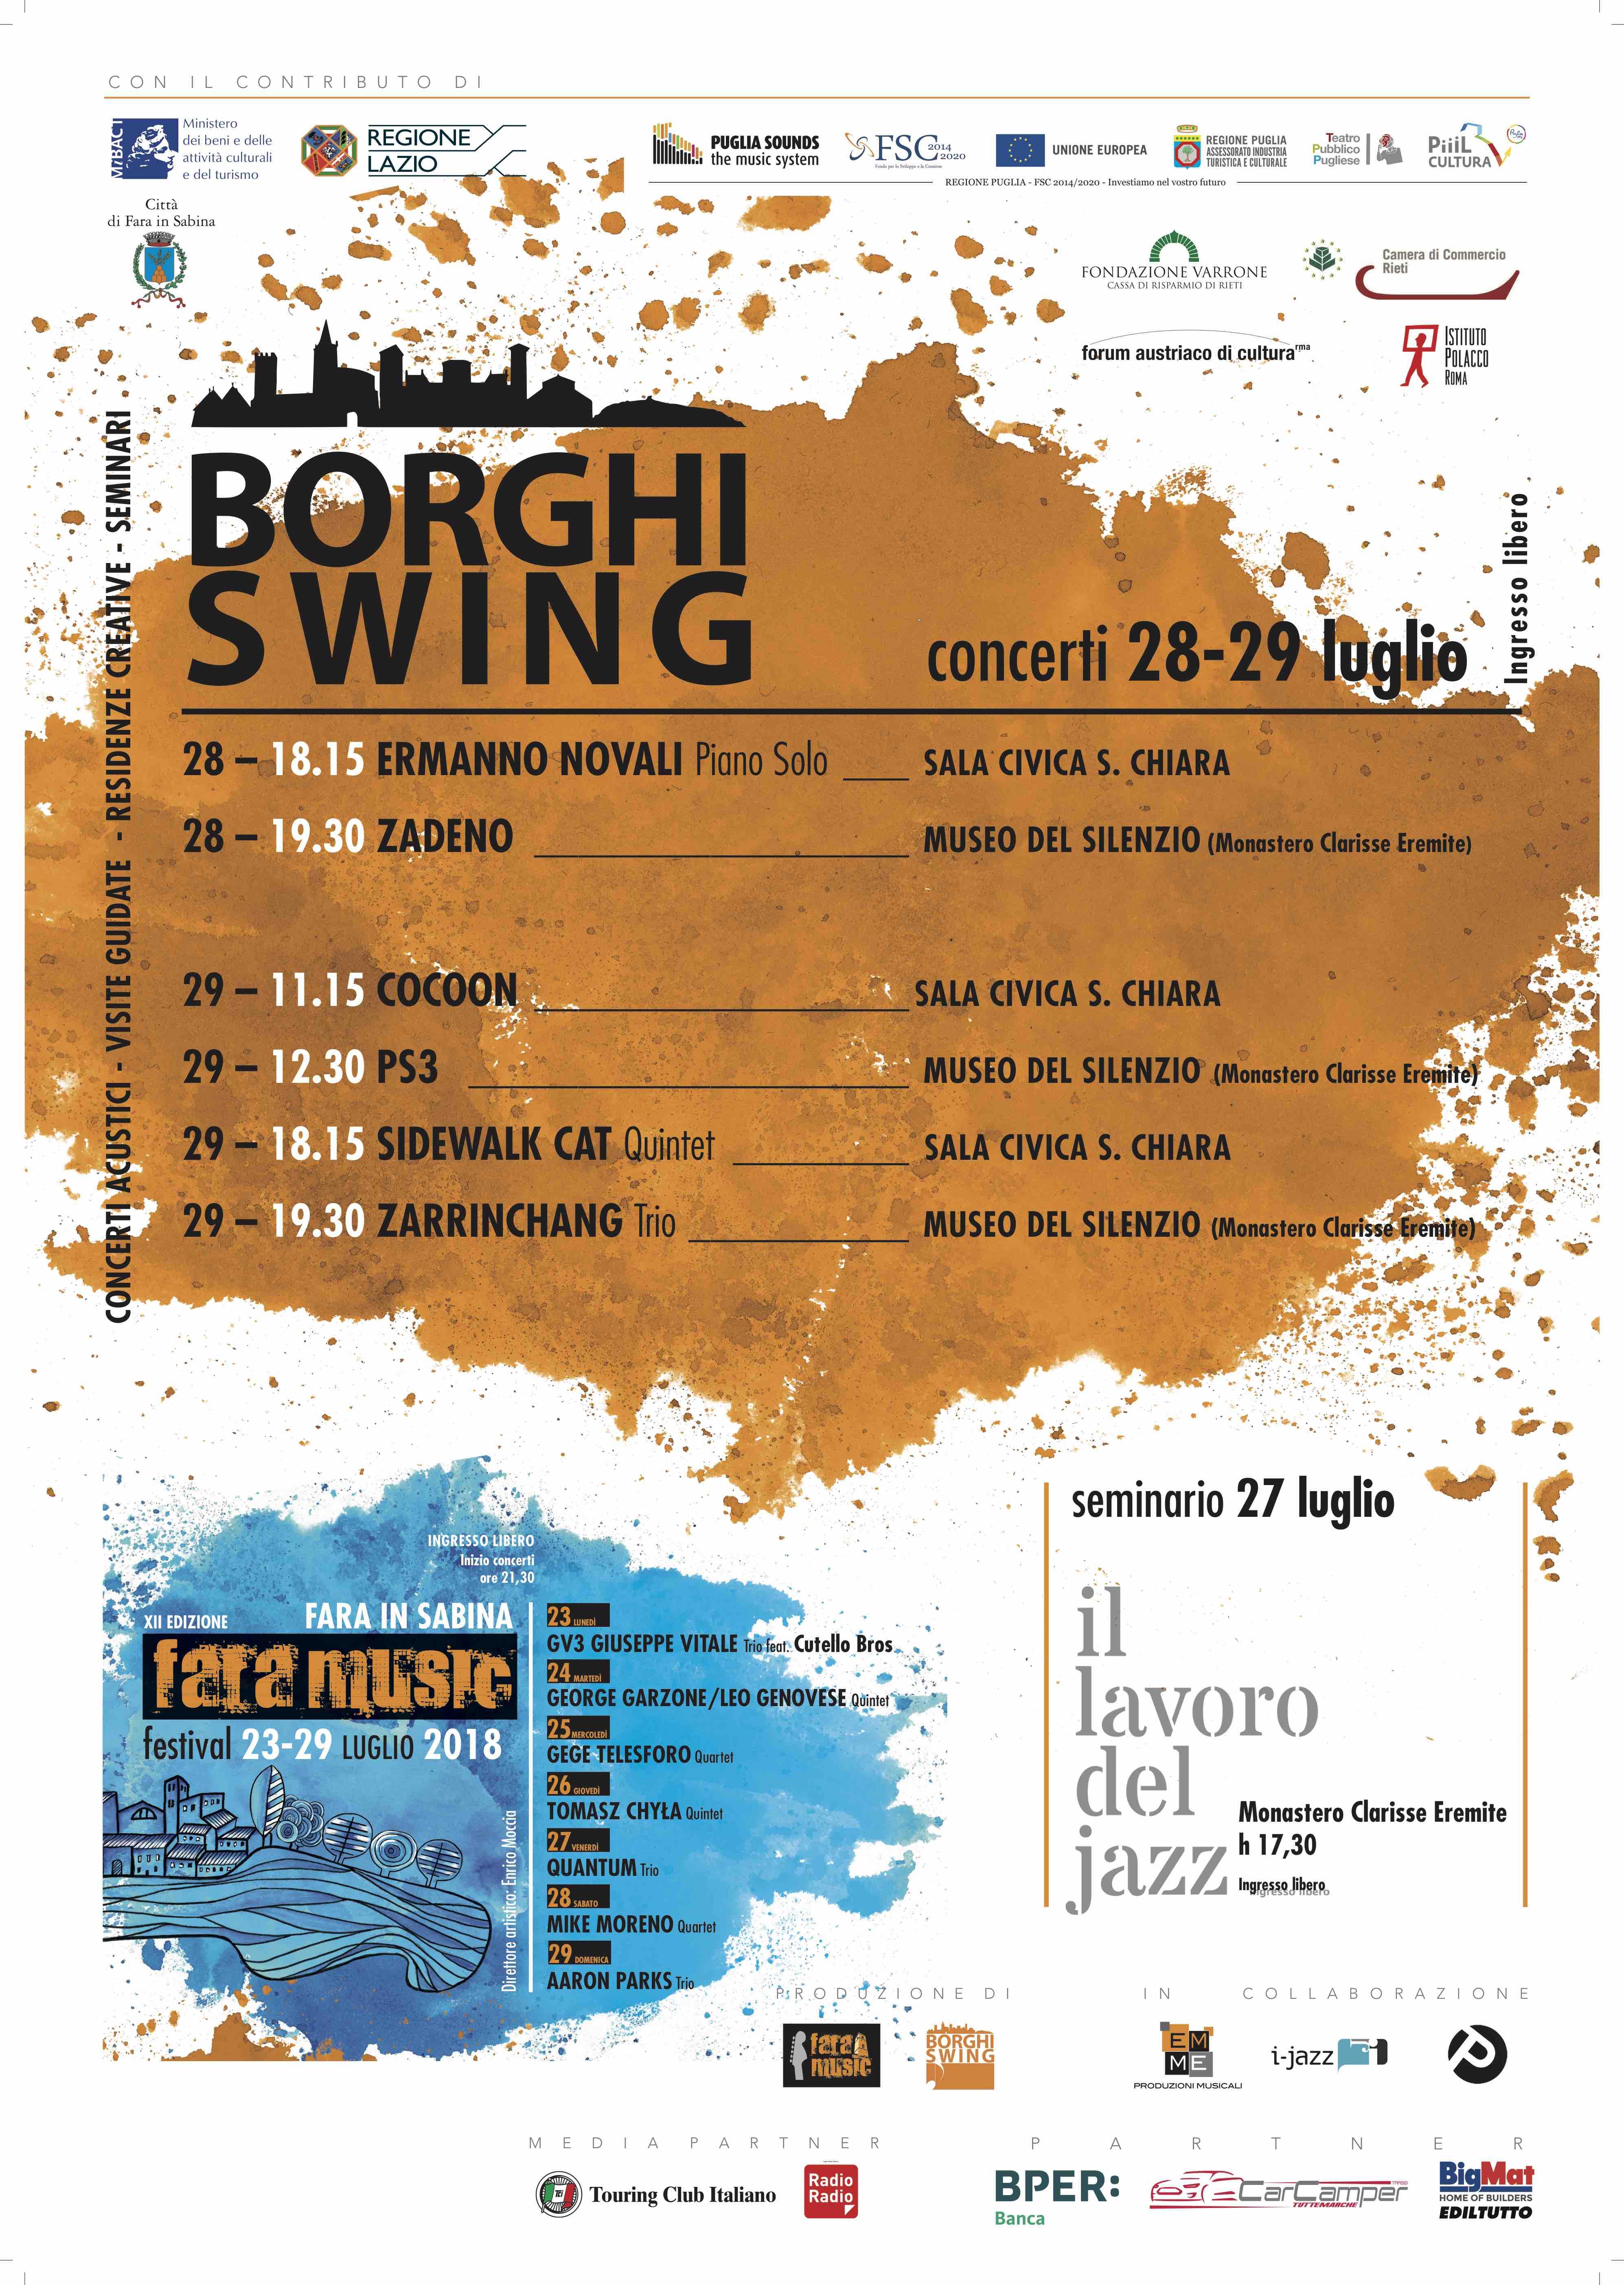 Copia-di-pannello-borghi-swing655x93